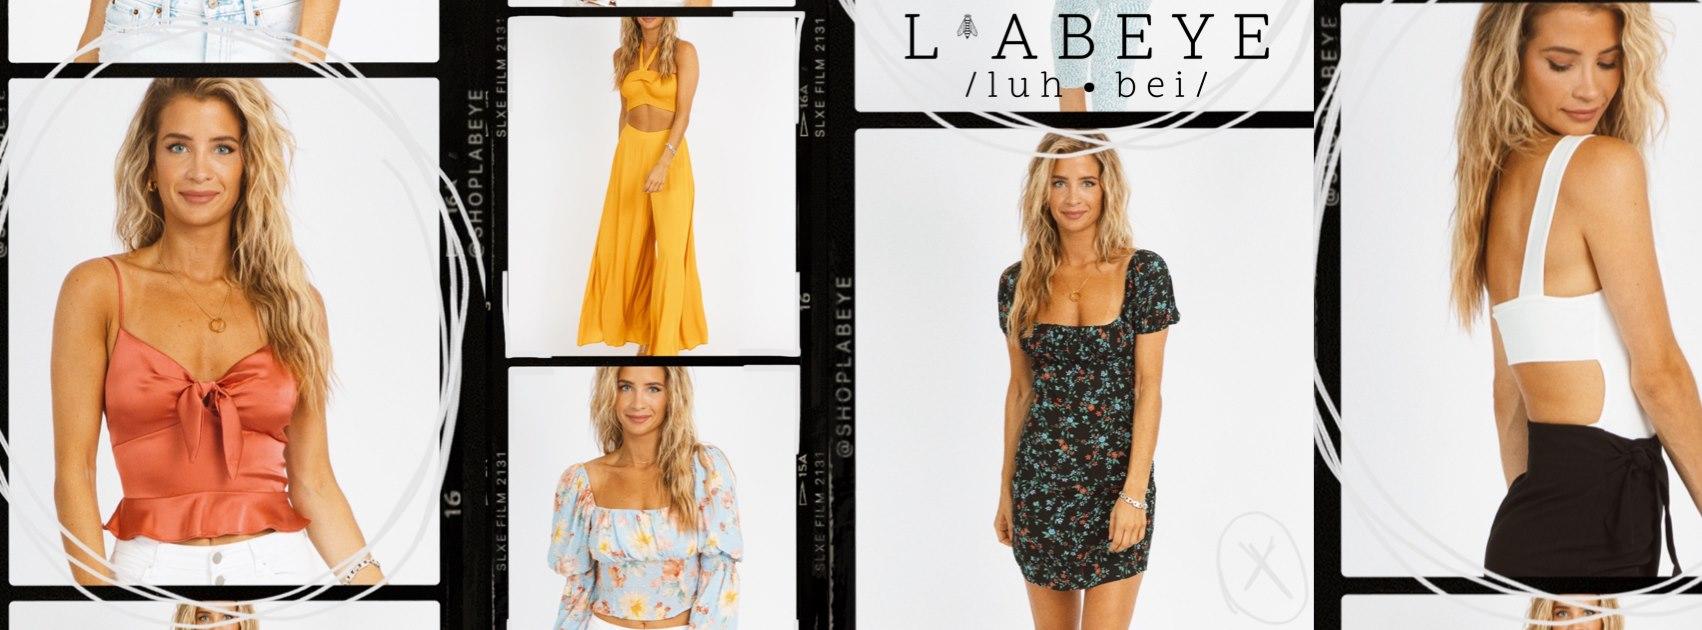 L'ABEYE (Fashion Brand)